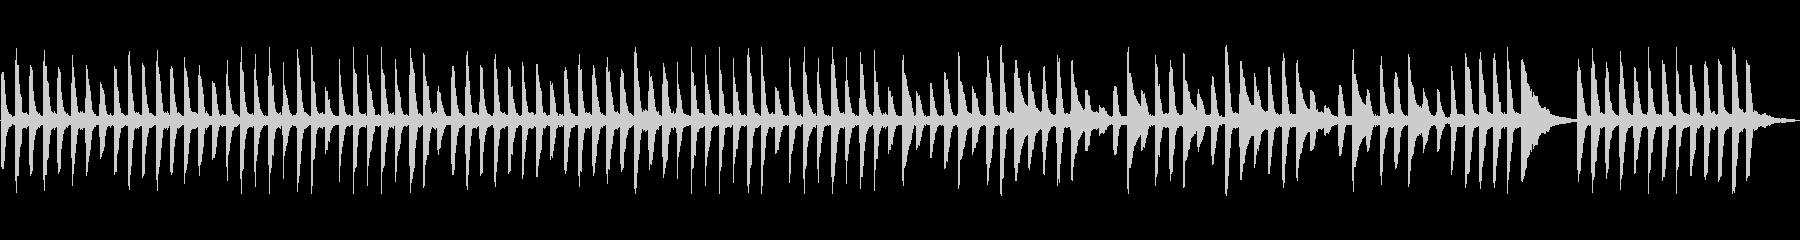 ほのぼのな雰囲気のピアノ曲の未再生の波形